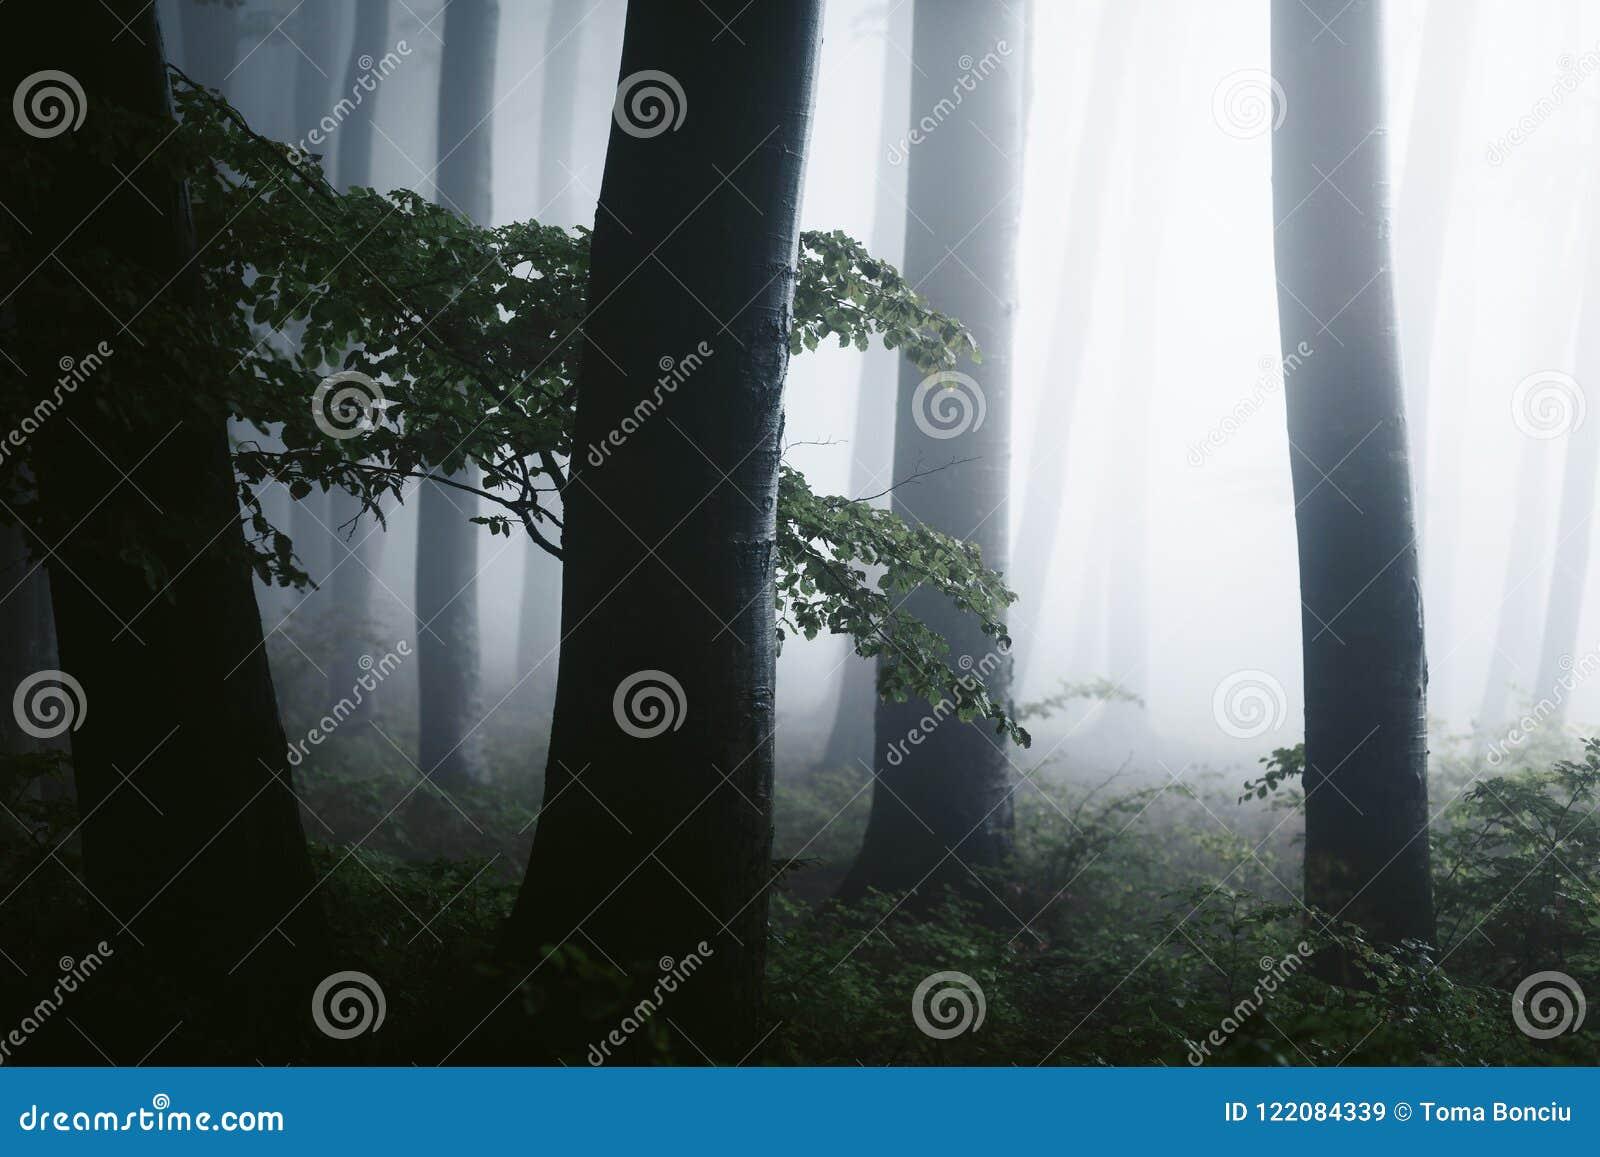 Sluit omhoog van donkere bomen in griezelig mistig bos Vreemd helder licht in de afstand De muziek van de nacht